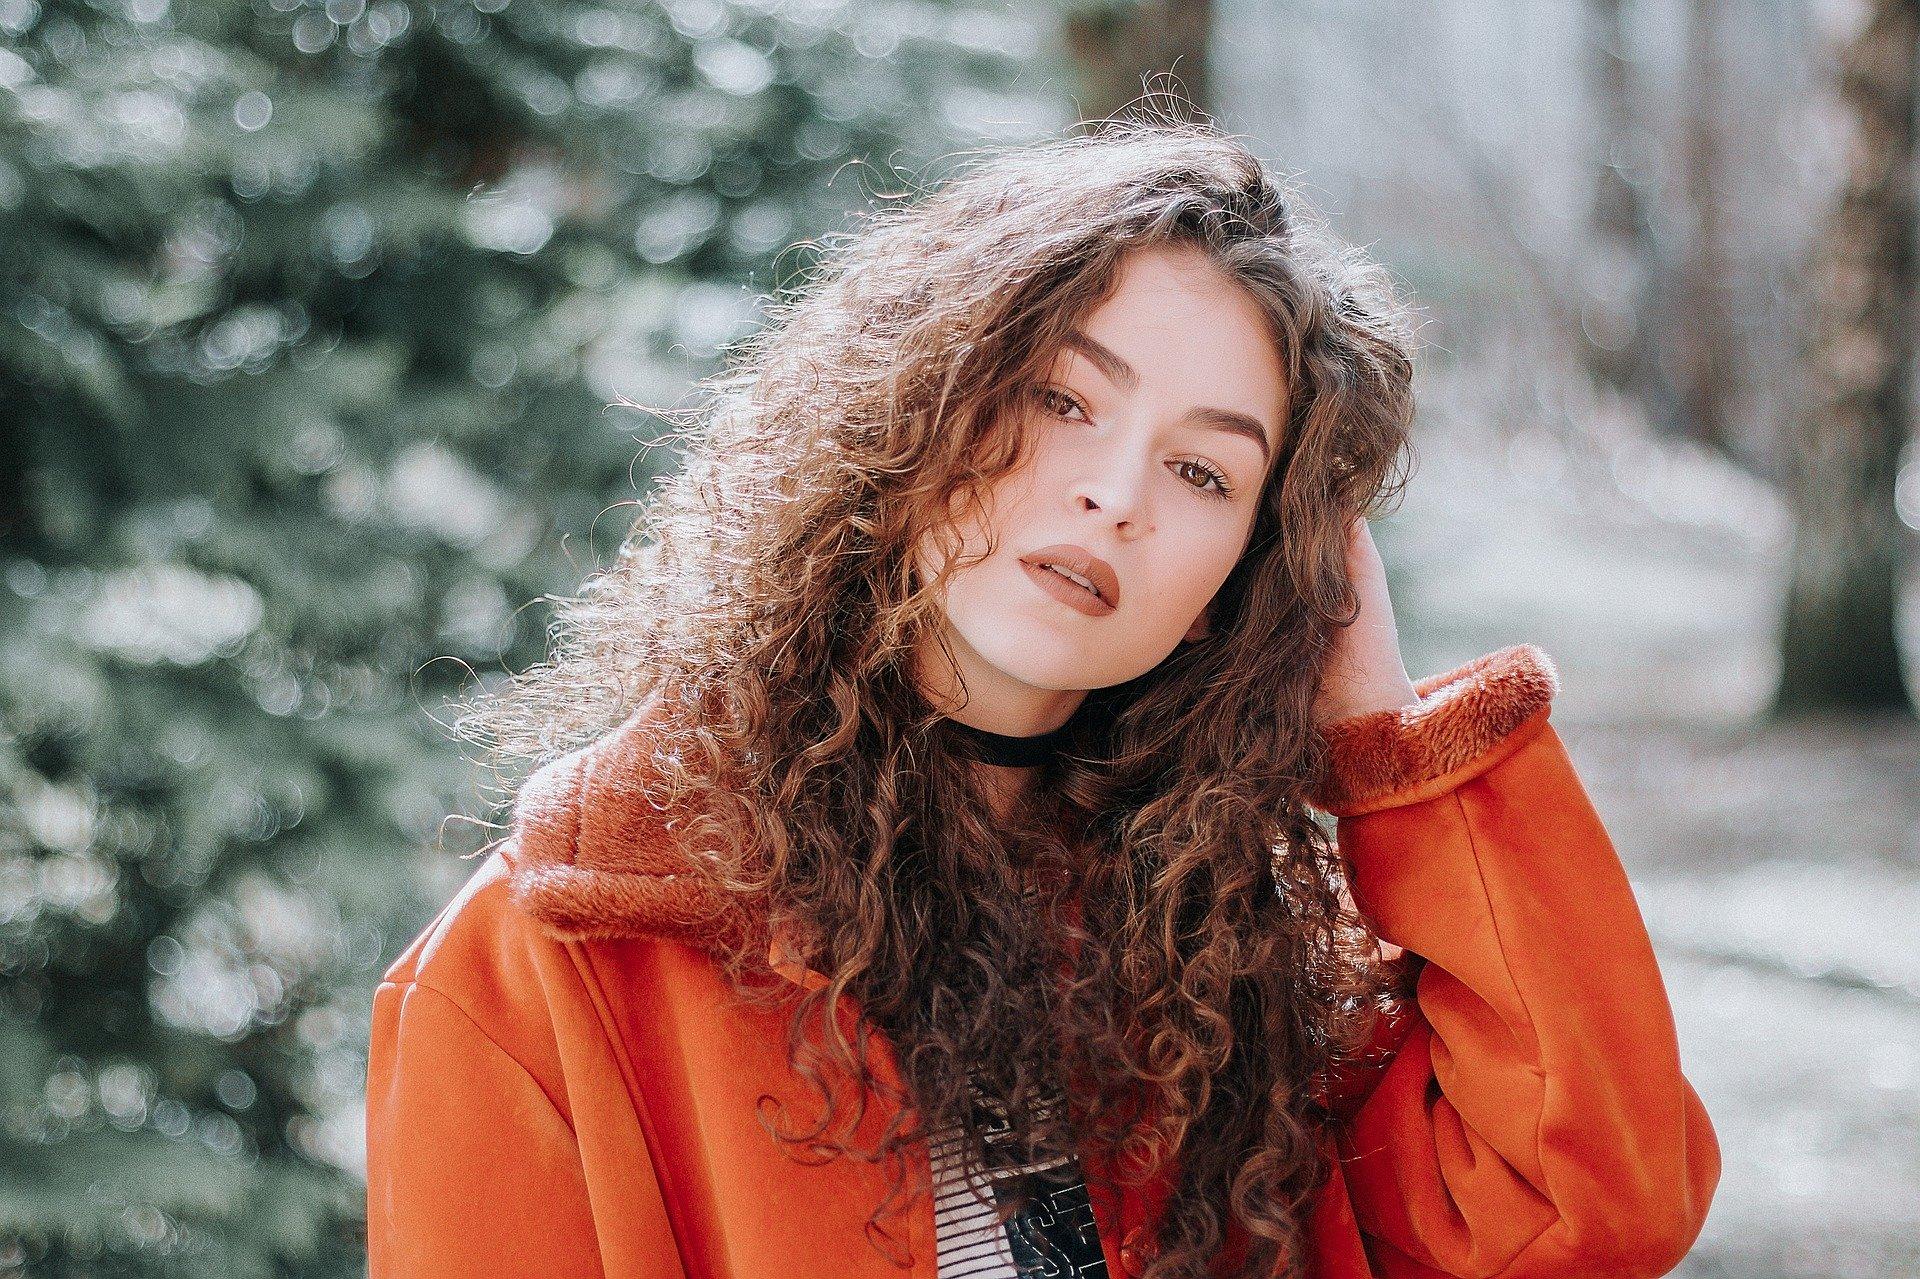 Tendenze moda inverno 2019 per donne curvy / Moda plus-size: queste tendenze si adattano alle donne curvy